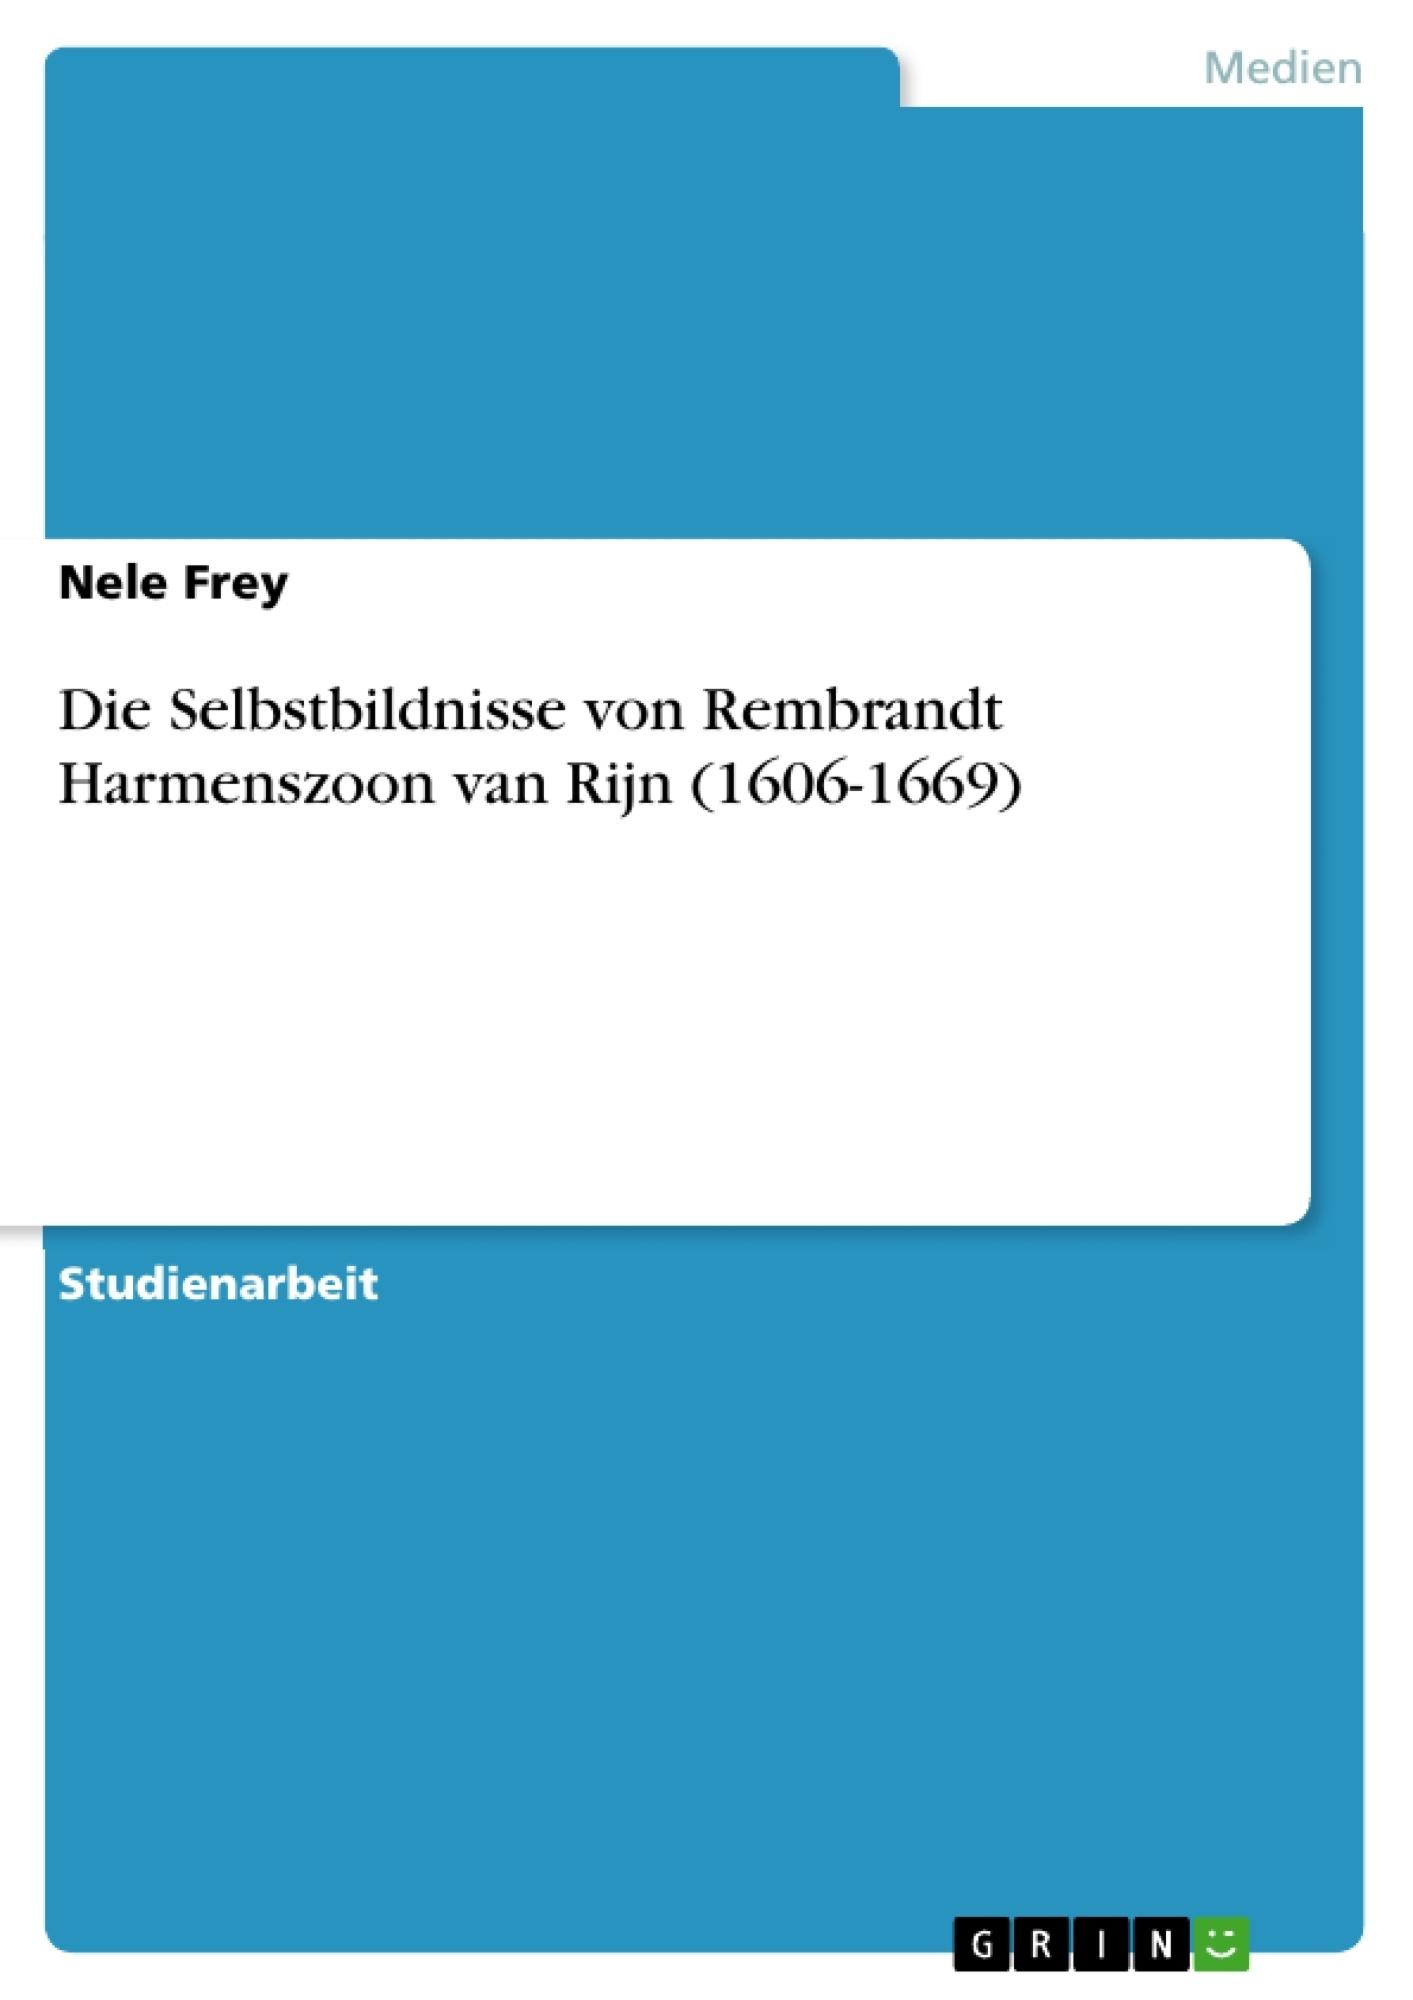 Titel: Die Selbstbildnisse von Rembrandt Harmenszoon van Rijn (1606-1669)